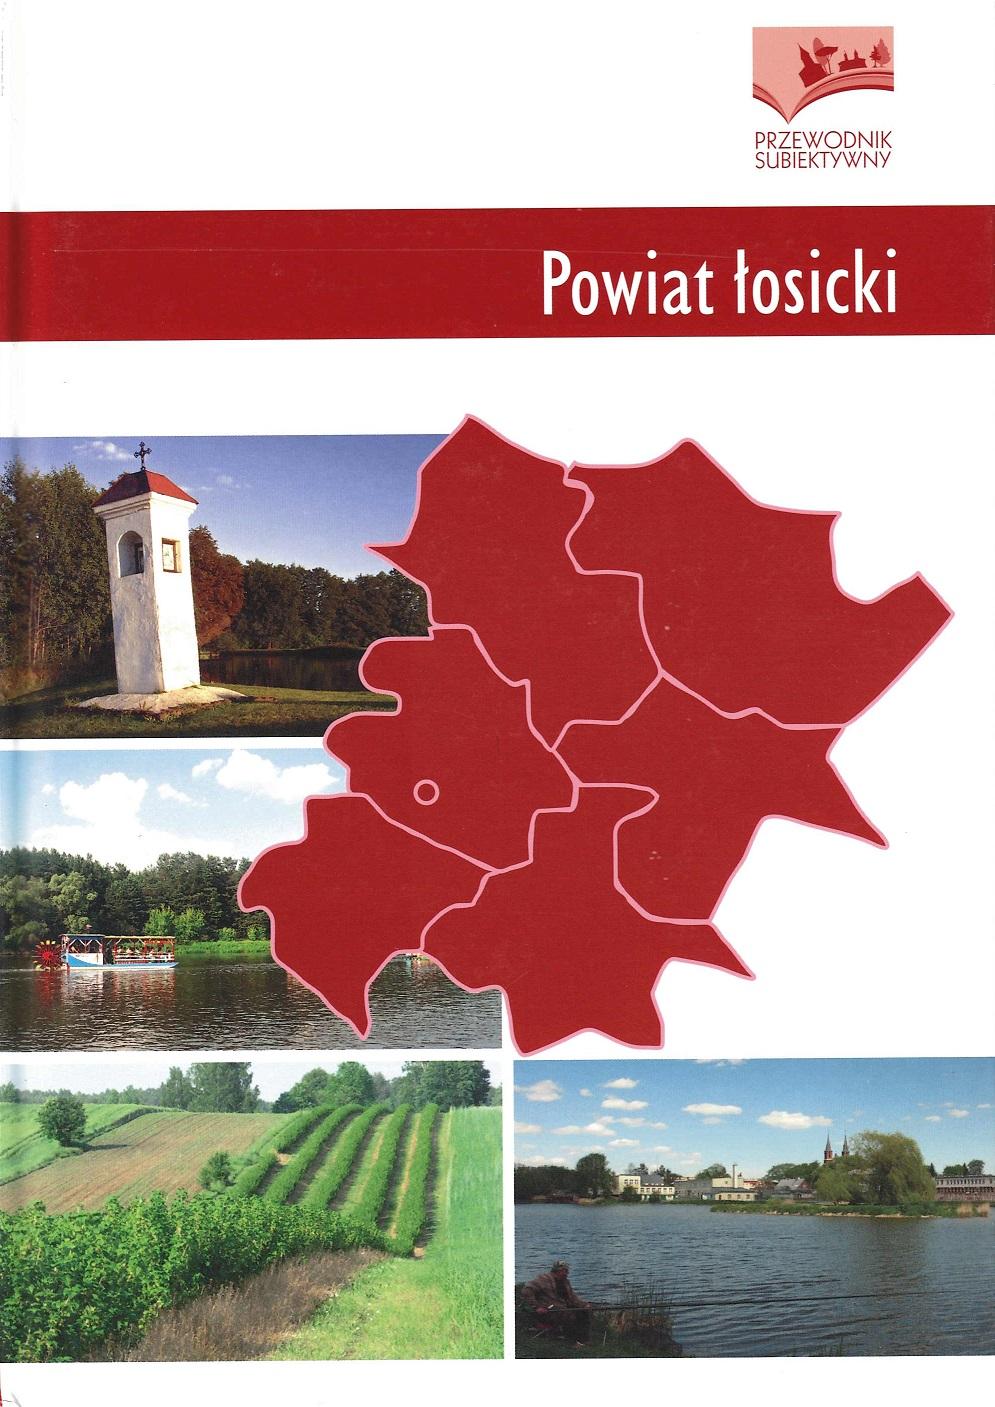 okładka książki - Powiat łosicki